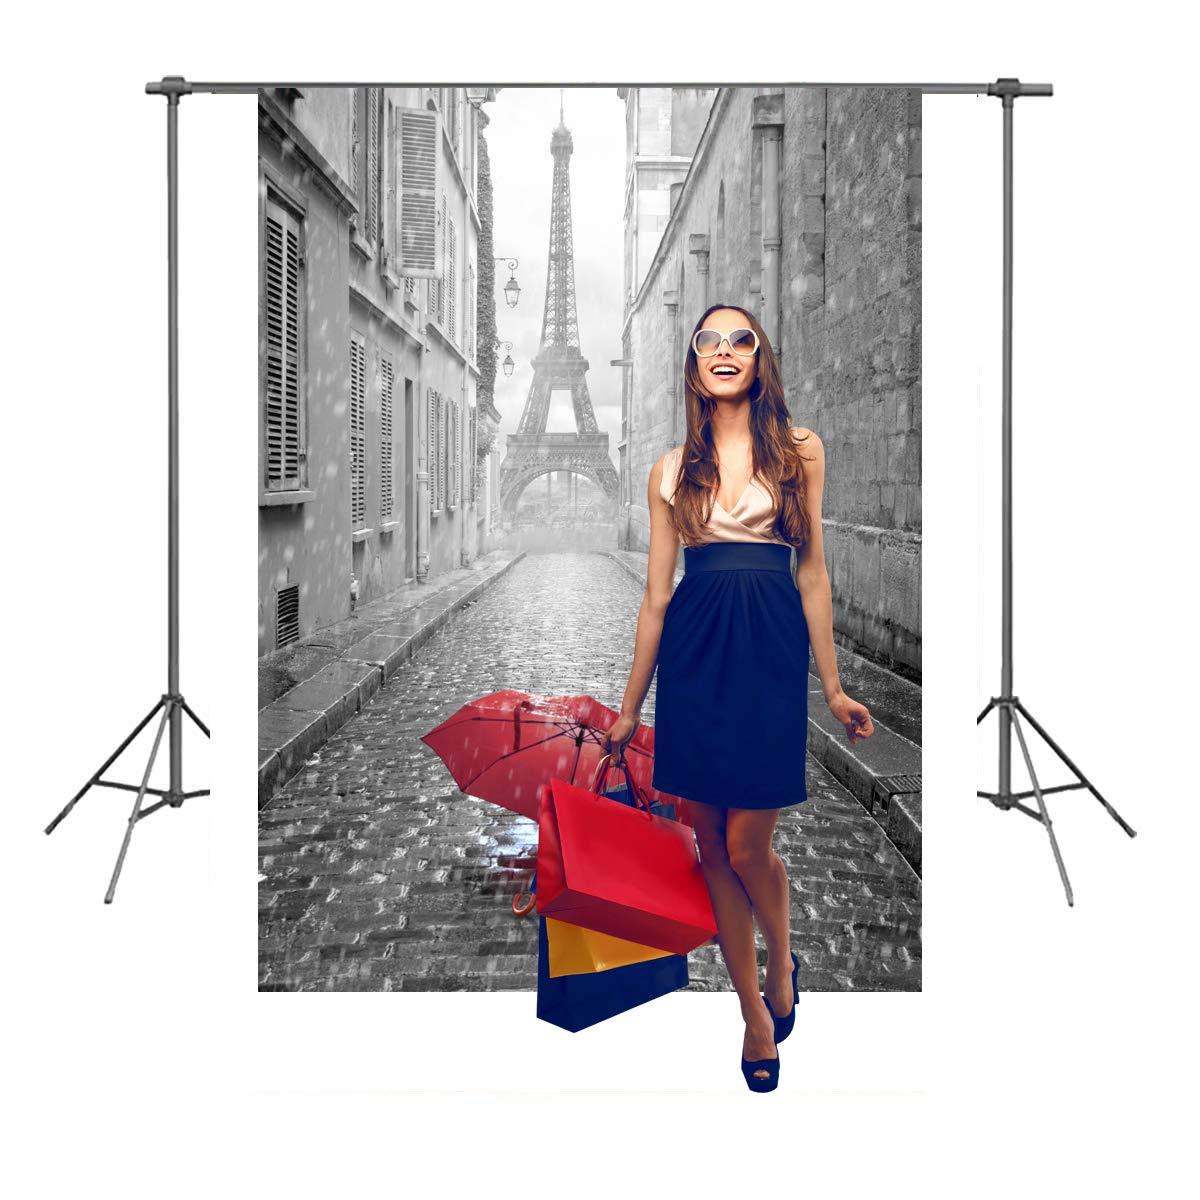 写真撮影用背景幕 7x5フィート エッフェル塔 結婚式 パーティー フォト背景 赤い傘 雨 パリ 街 写真 スタジオ 小道具 背景 FT006   B07PJMNLPT